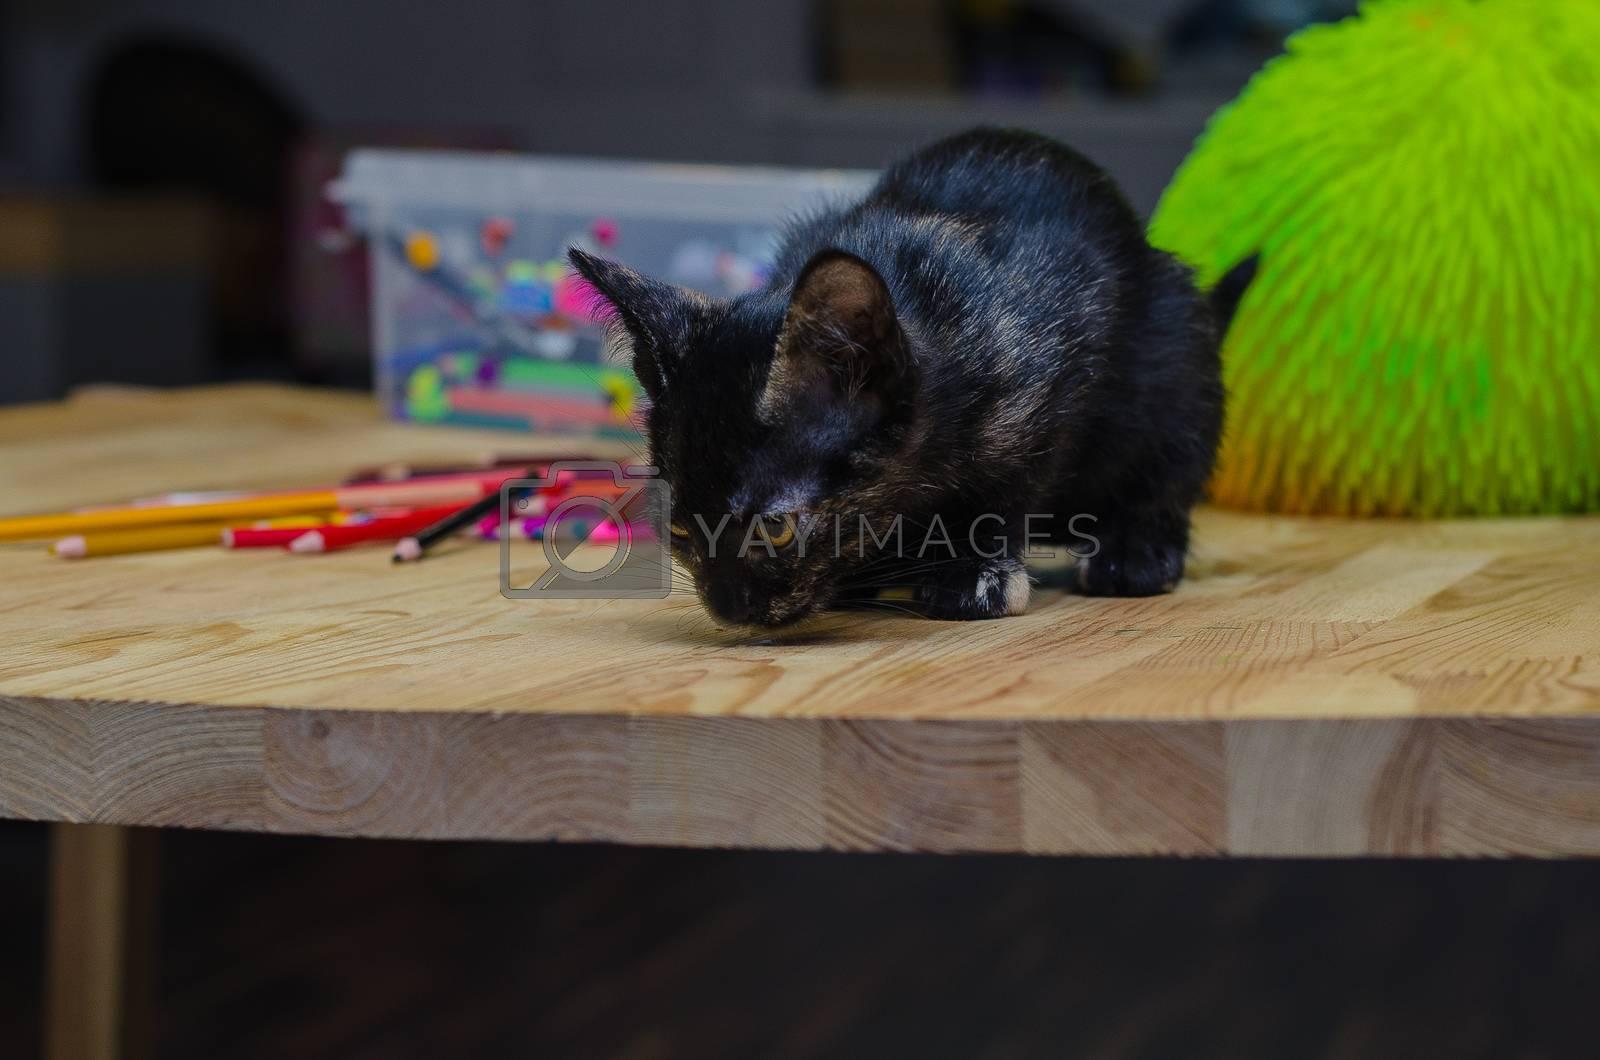 little black kitten sitting near multicolored pencils